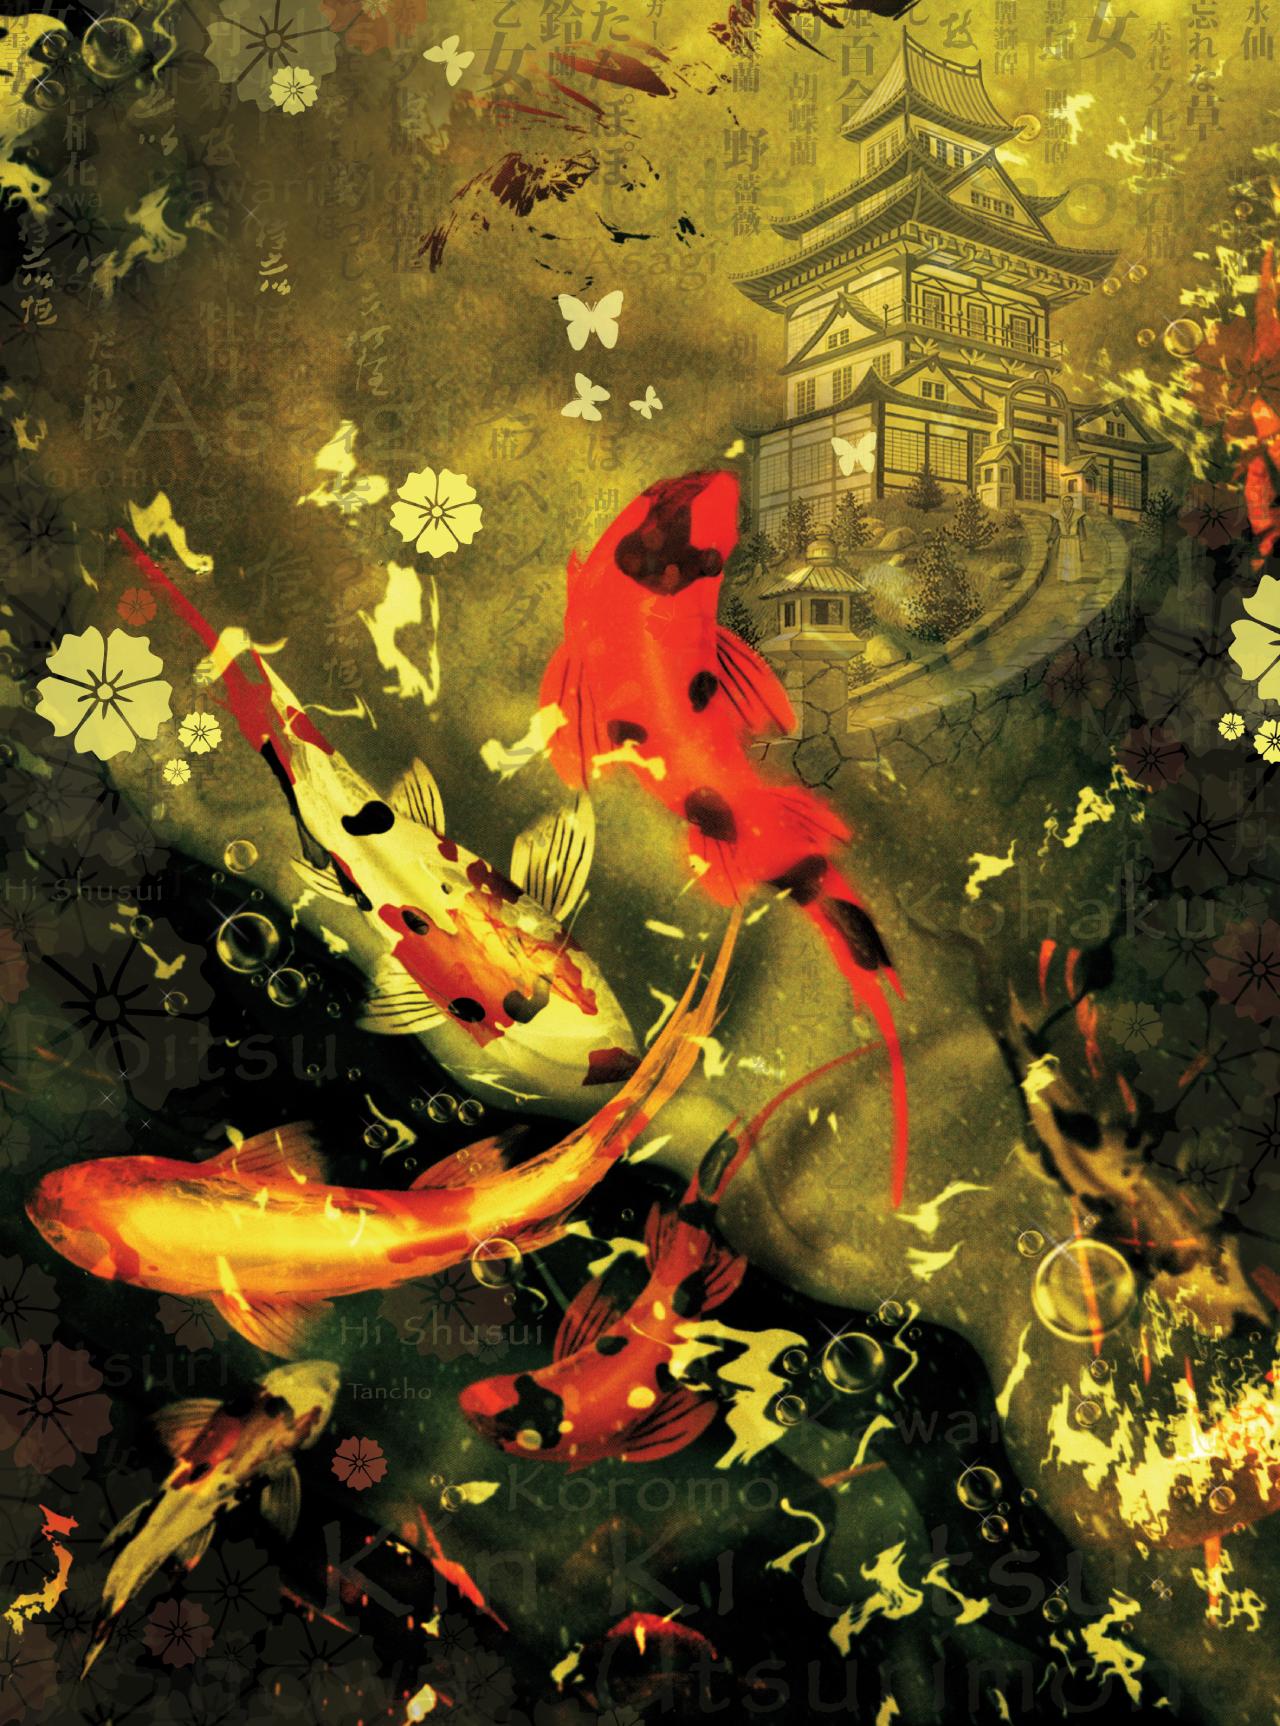 Japanese-Artwork_Poster-Design_I-Illustrate